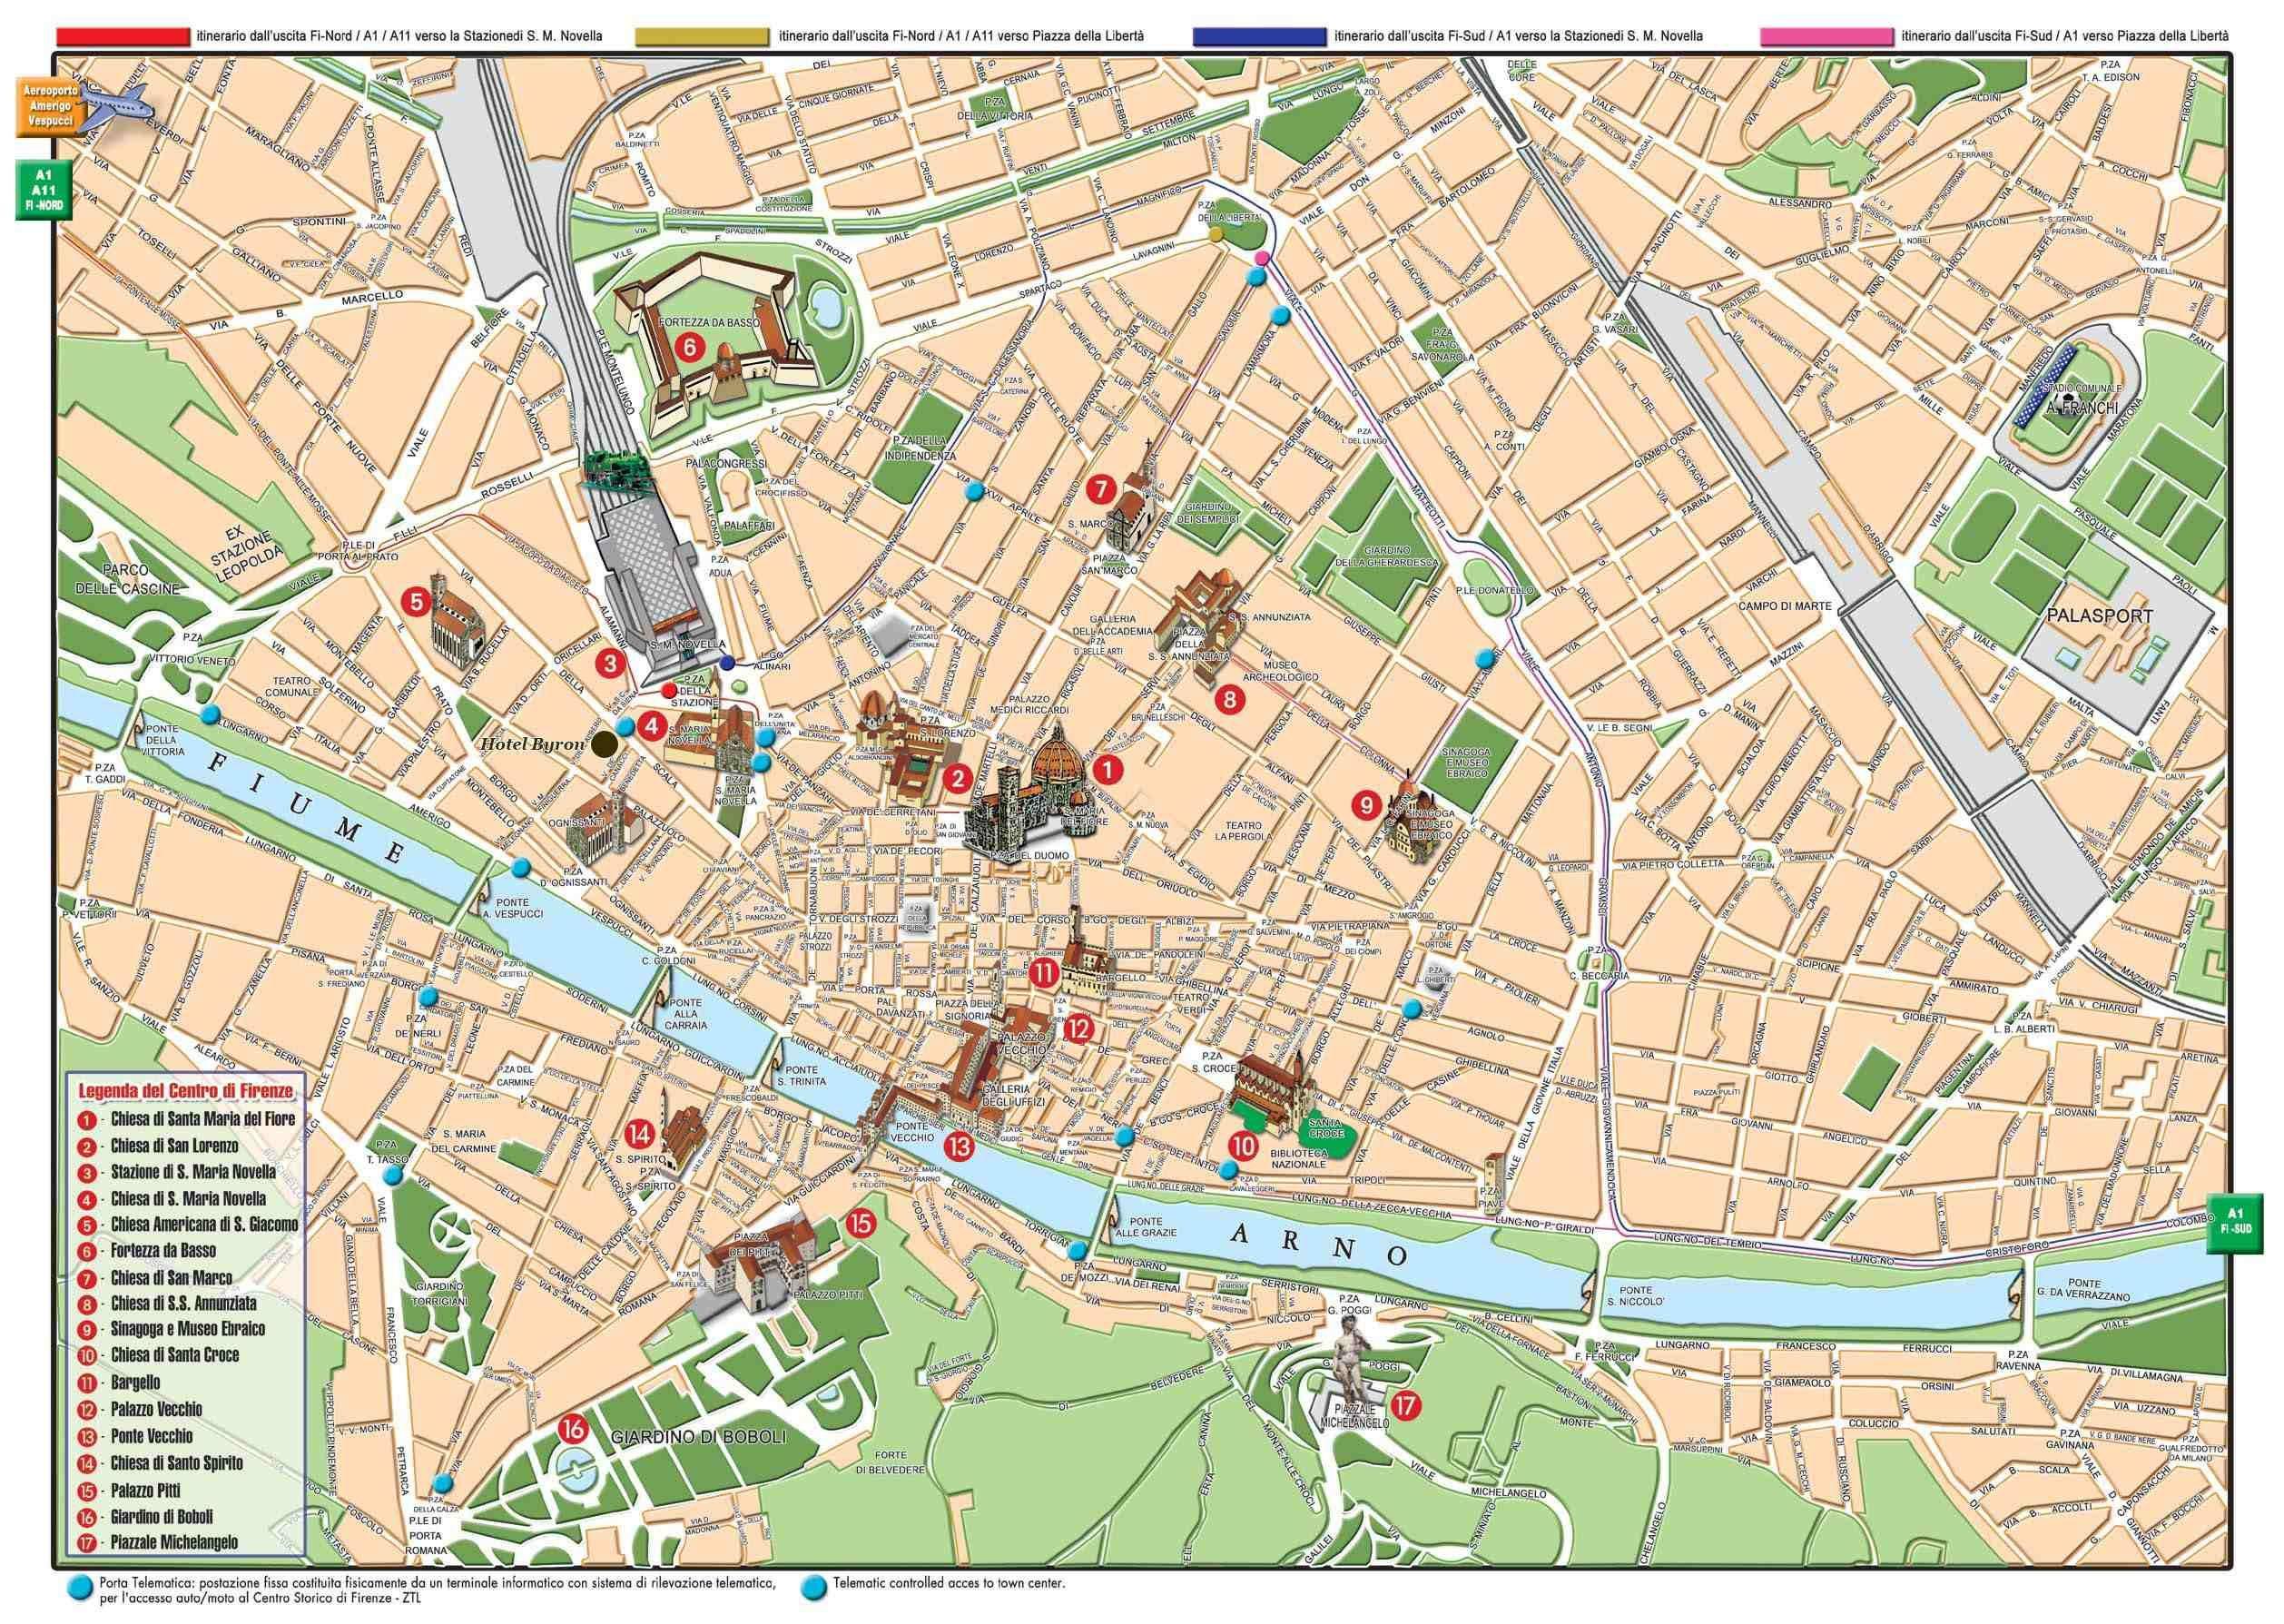 Mapa Turistico De Napoles.Mapa Turistico Napoles Buscar Con Google In 2019